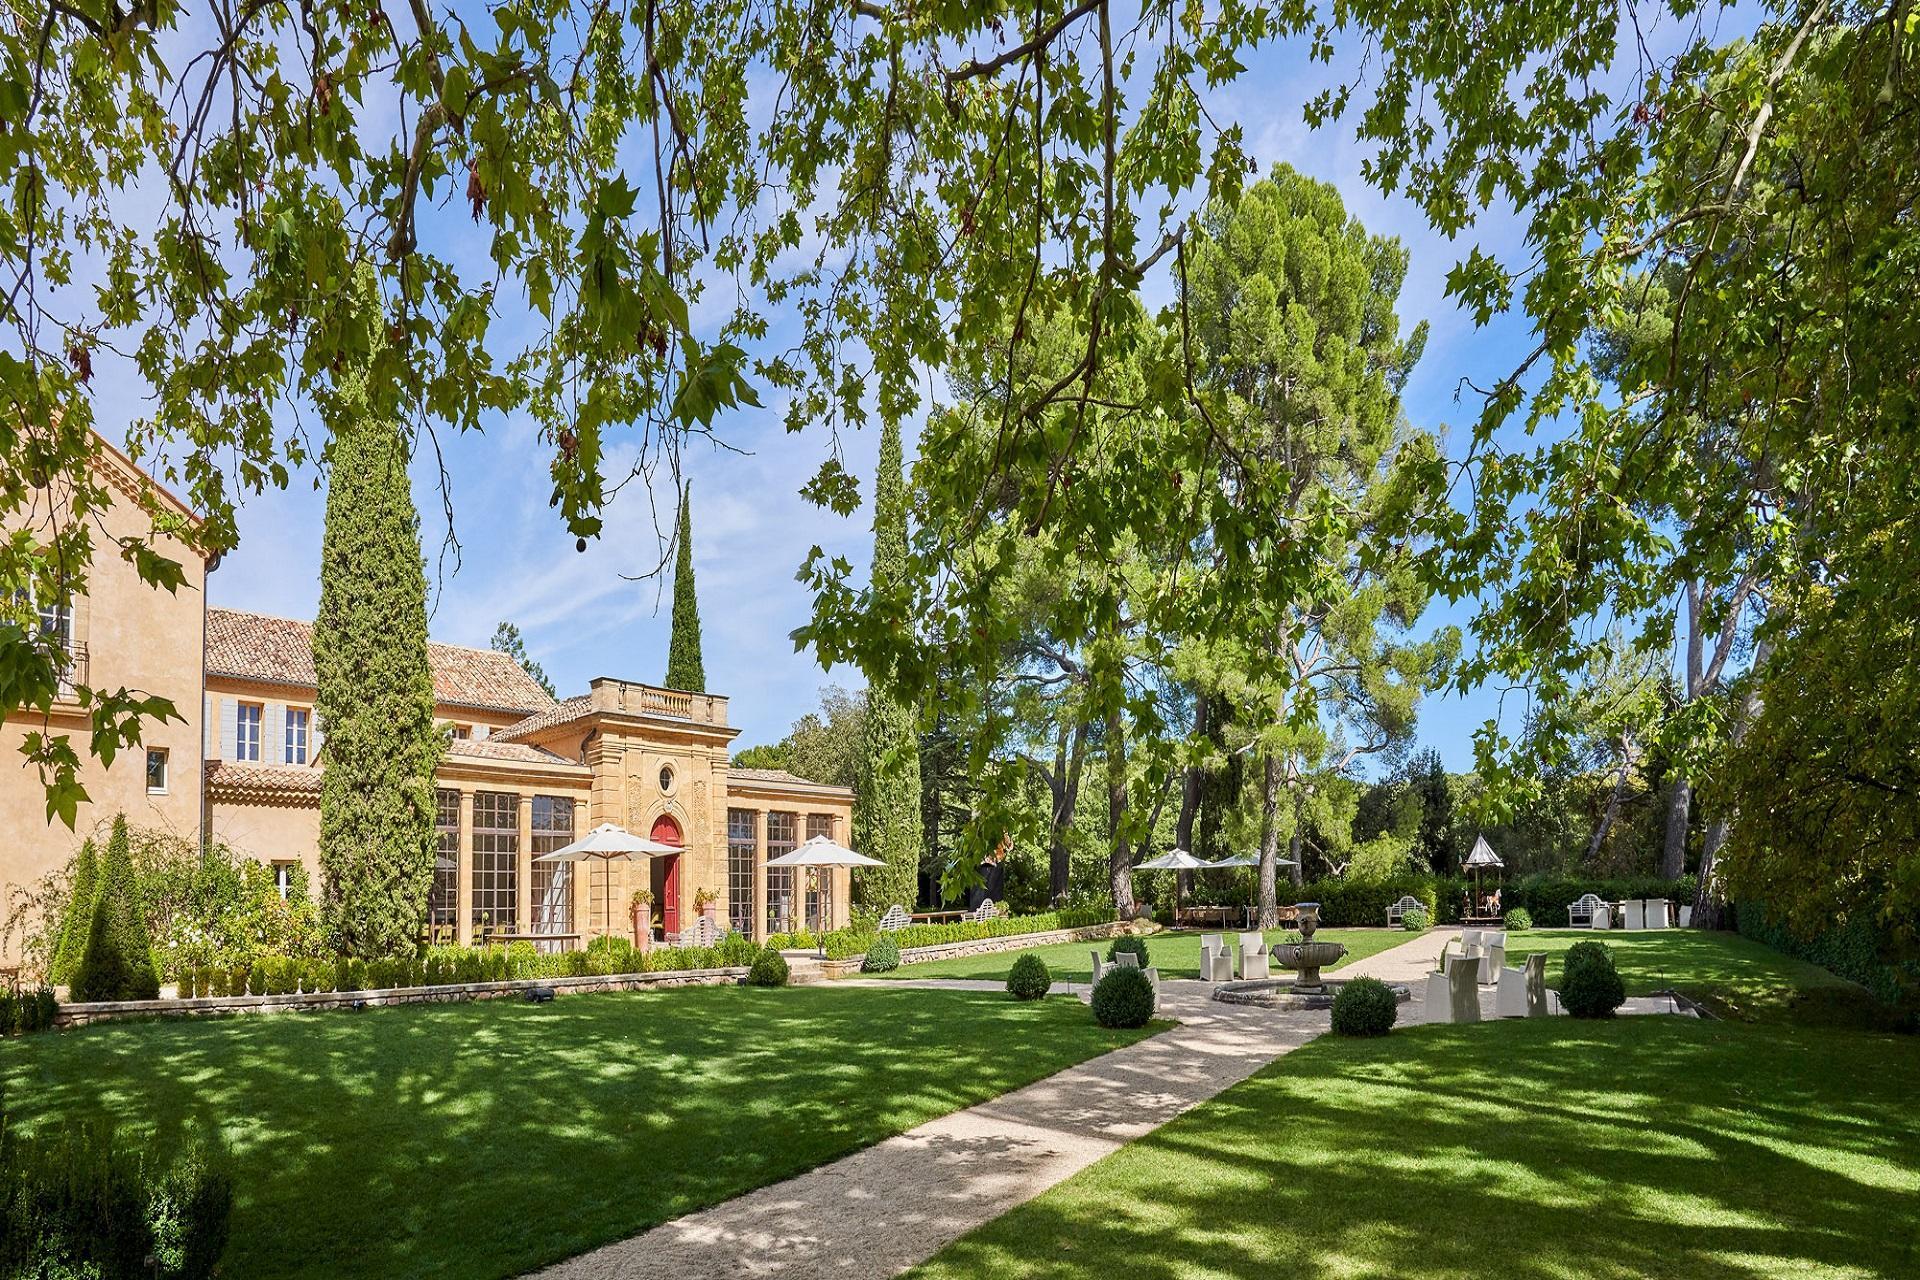 Chateau-de-la-Gaude-aix-en-provence-jardins